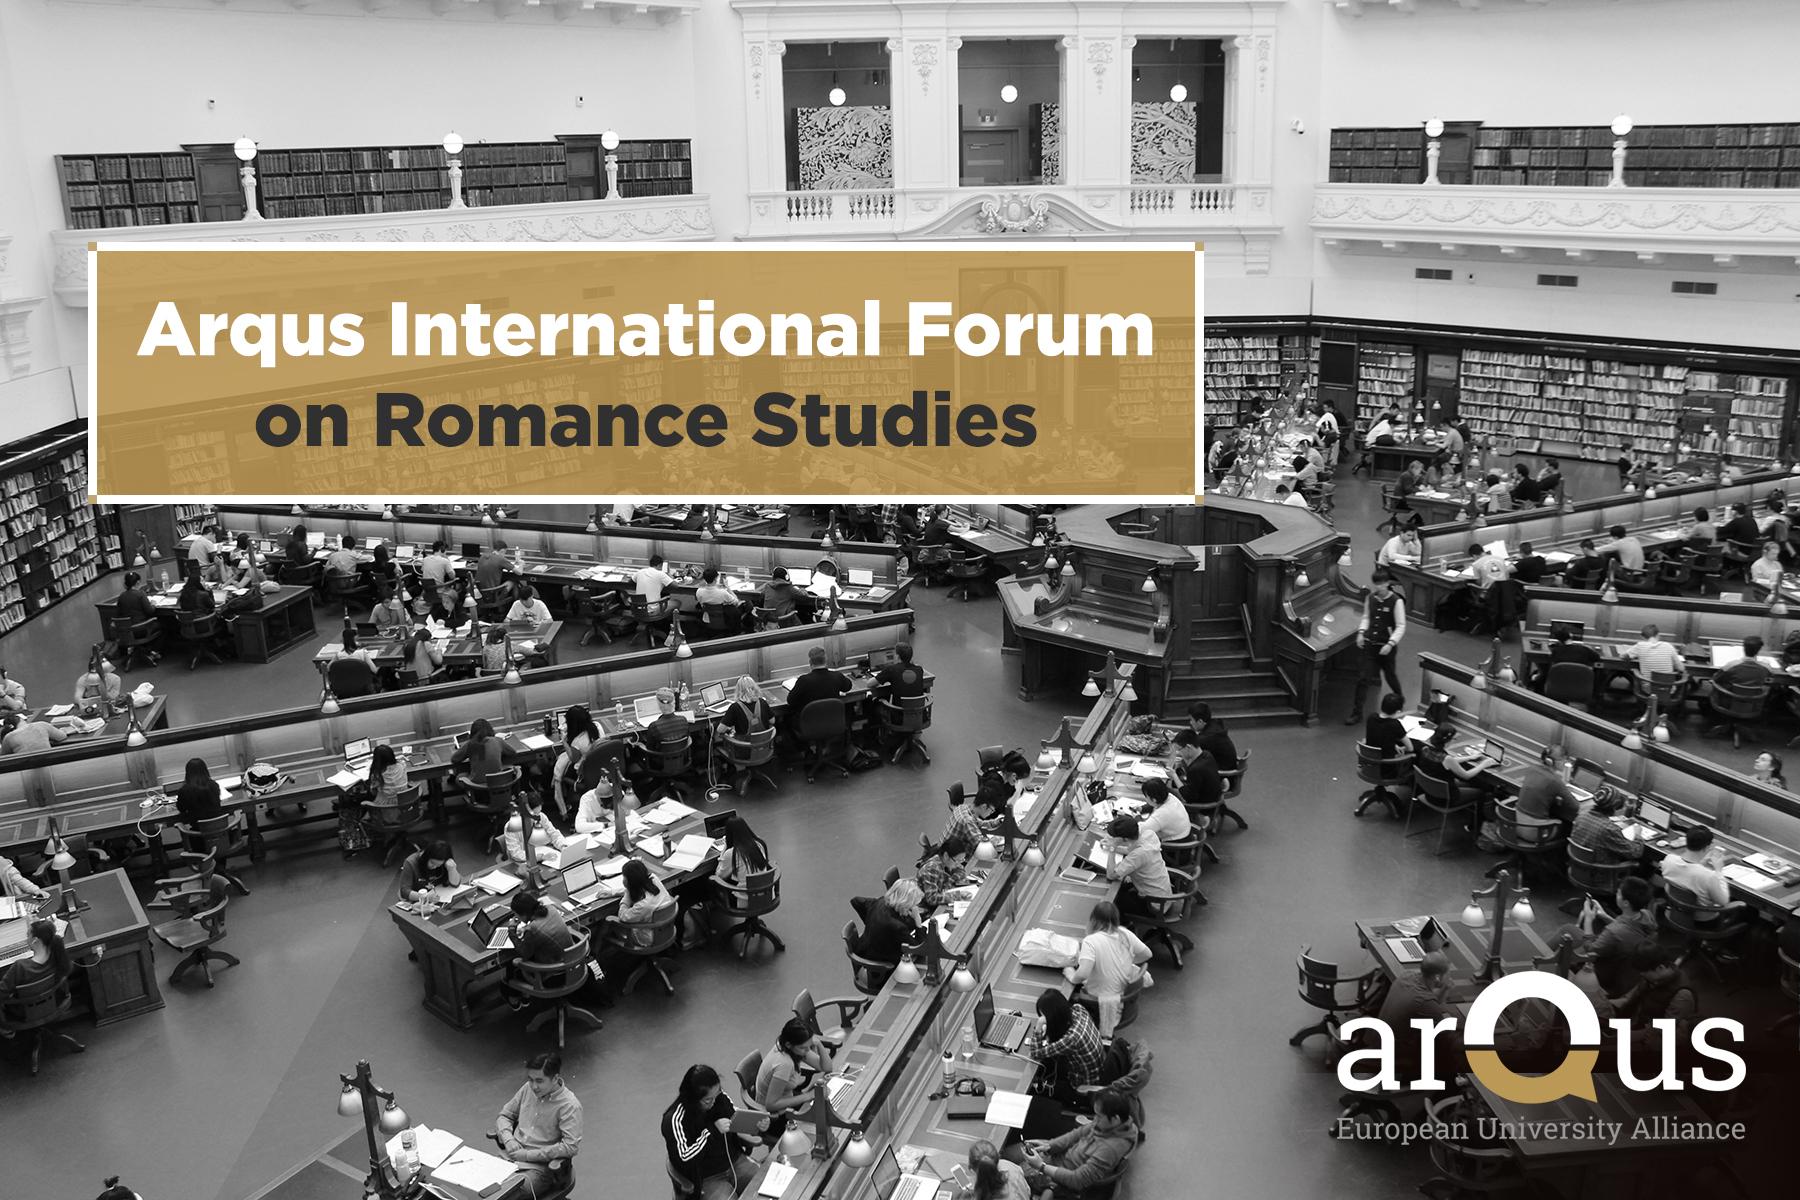 Imagen de portada de Arqus International Forum on Romance Studies. Congresos, proyectos, publicaciones